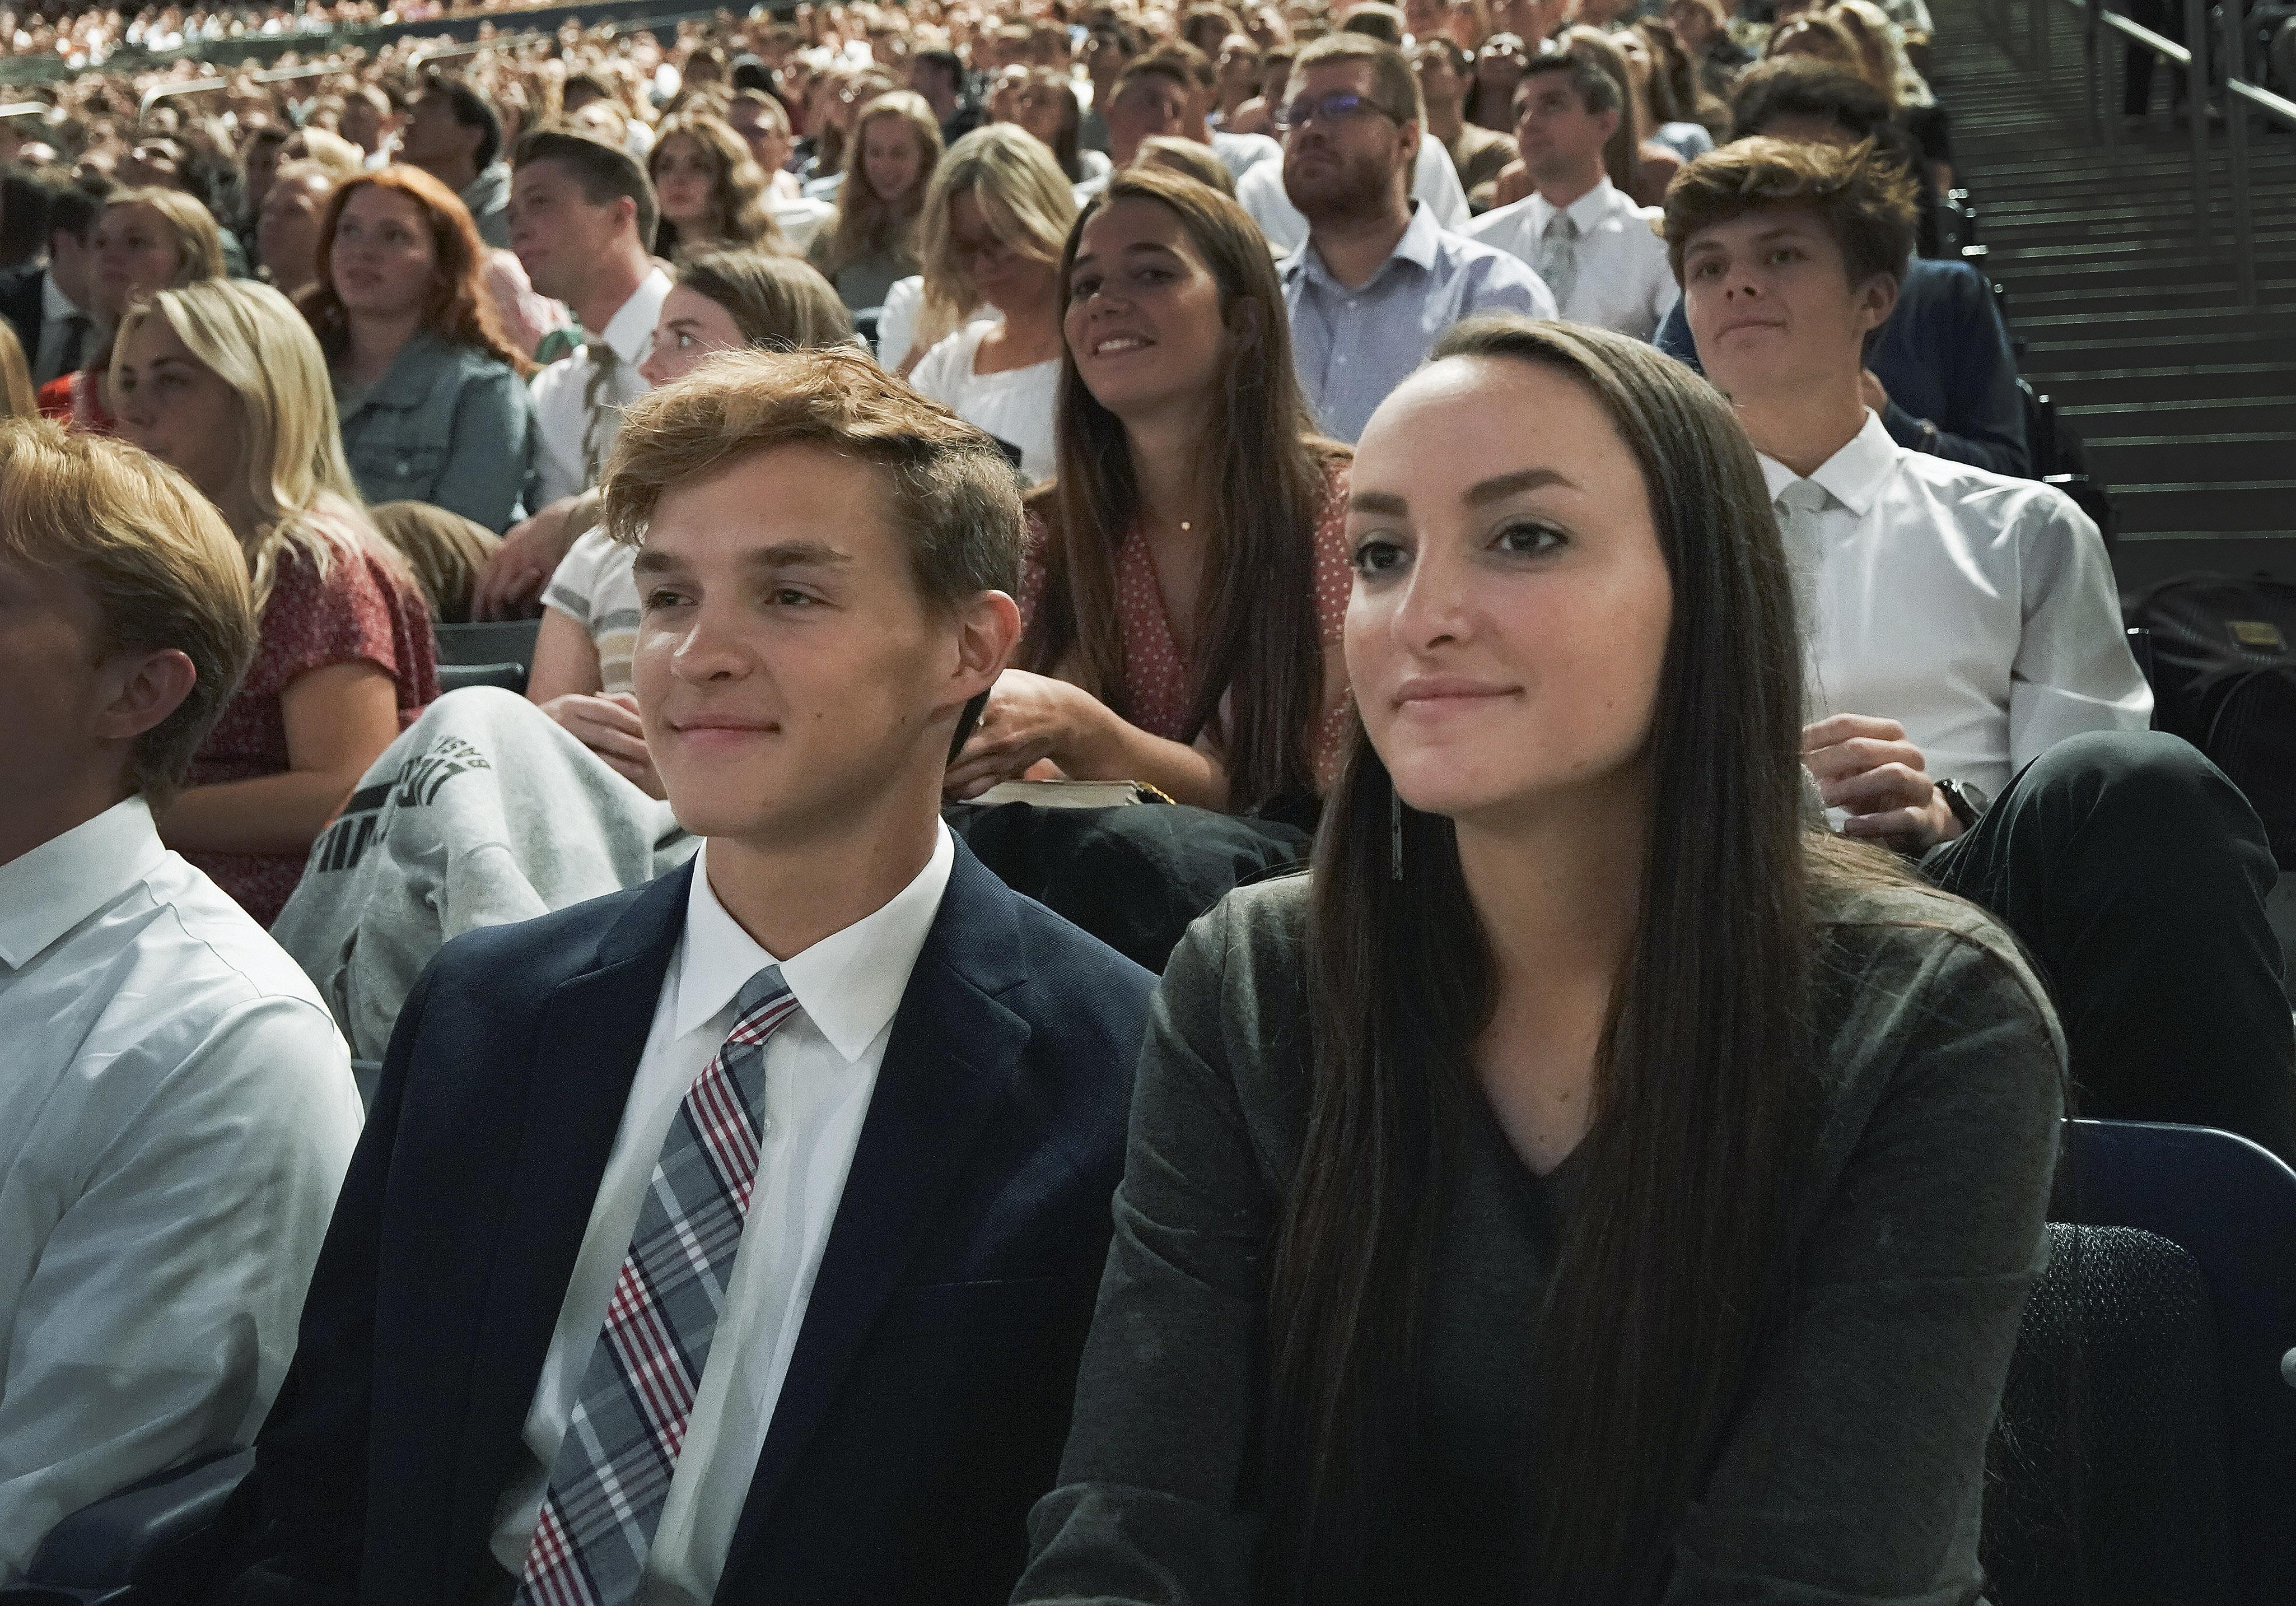 Garrett e Madison Brown, que são irmãos, ouvem o presidente Russell M. Nelson, de A Igreja de Jesus Cristo dos Santos dos Últimos Dias, durante um devocional na Universidade Brigham Young, em Provo, na terça-feira, 17 de setembro de 2019.